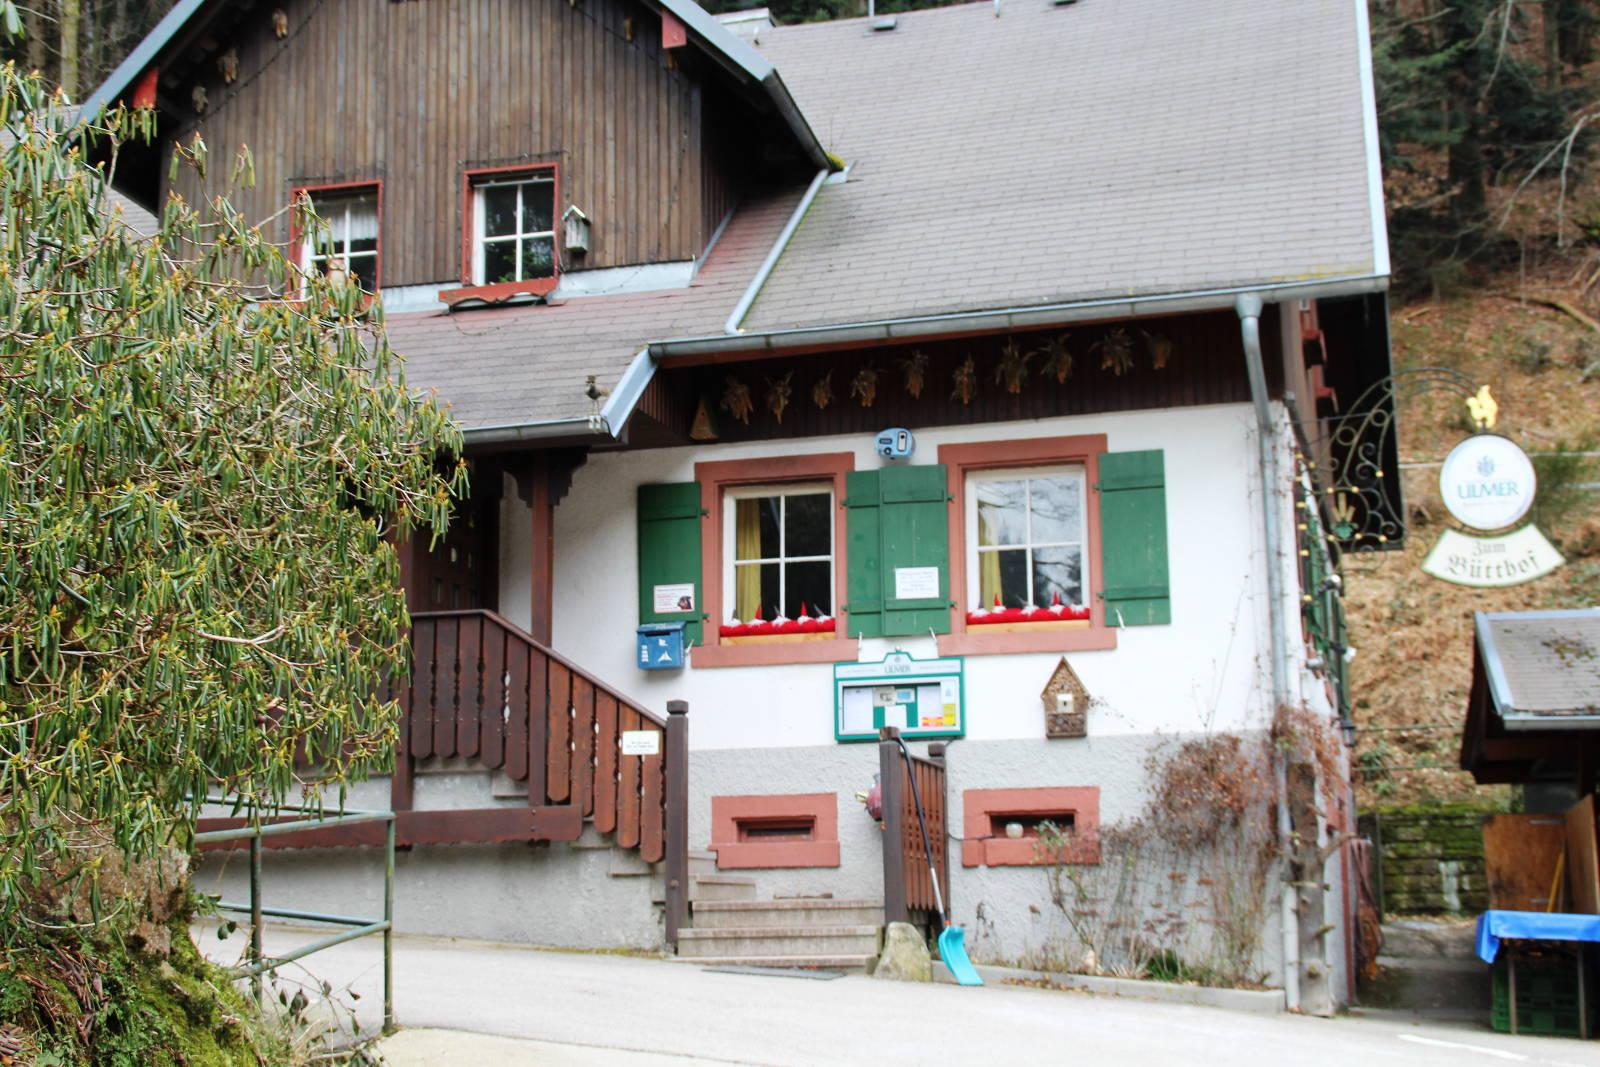 Bütthof Baden-Baden